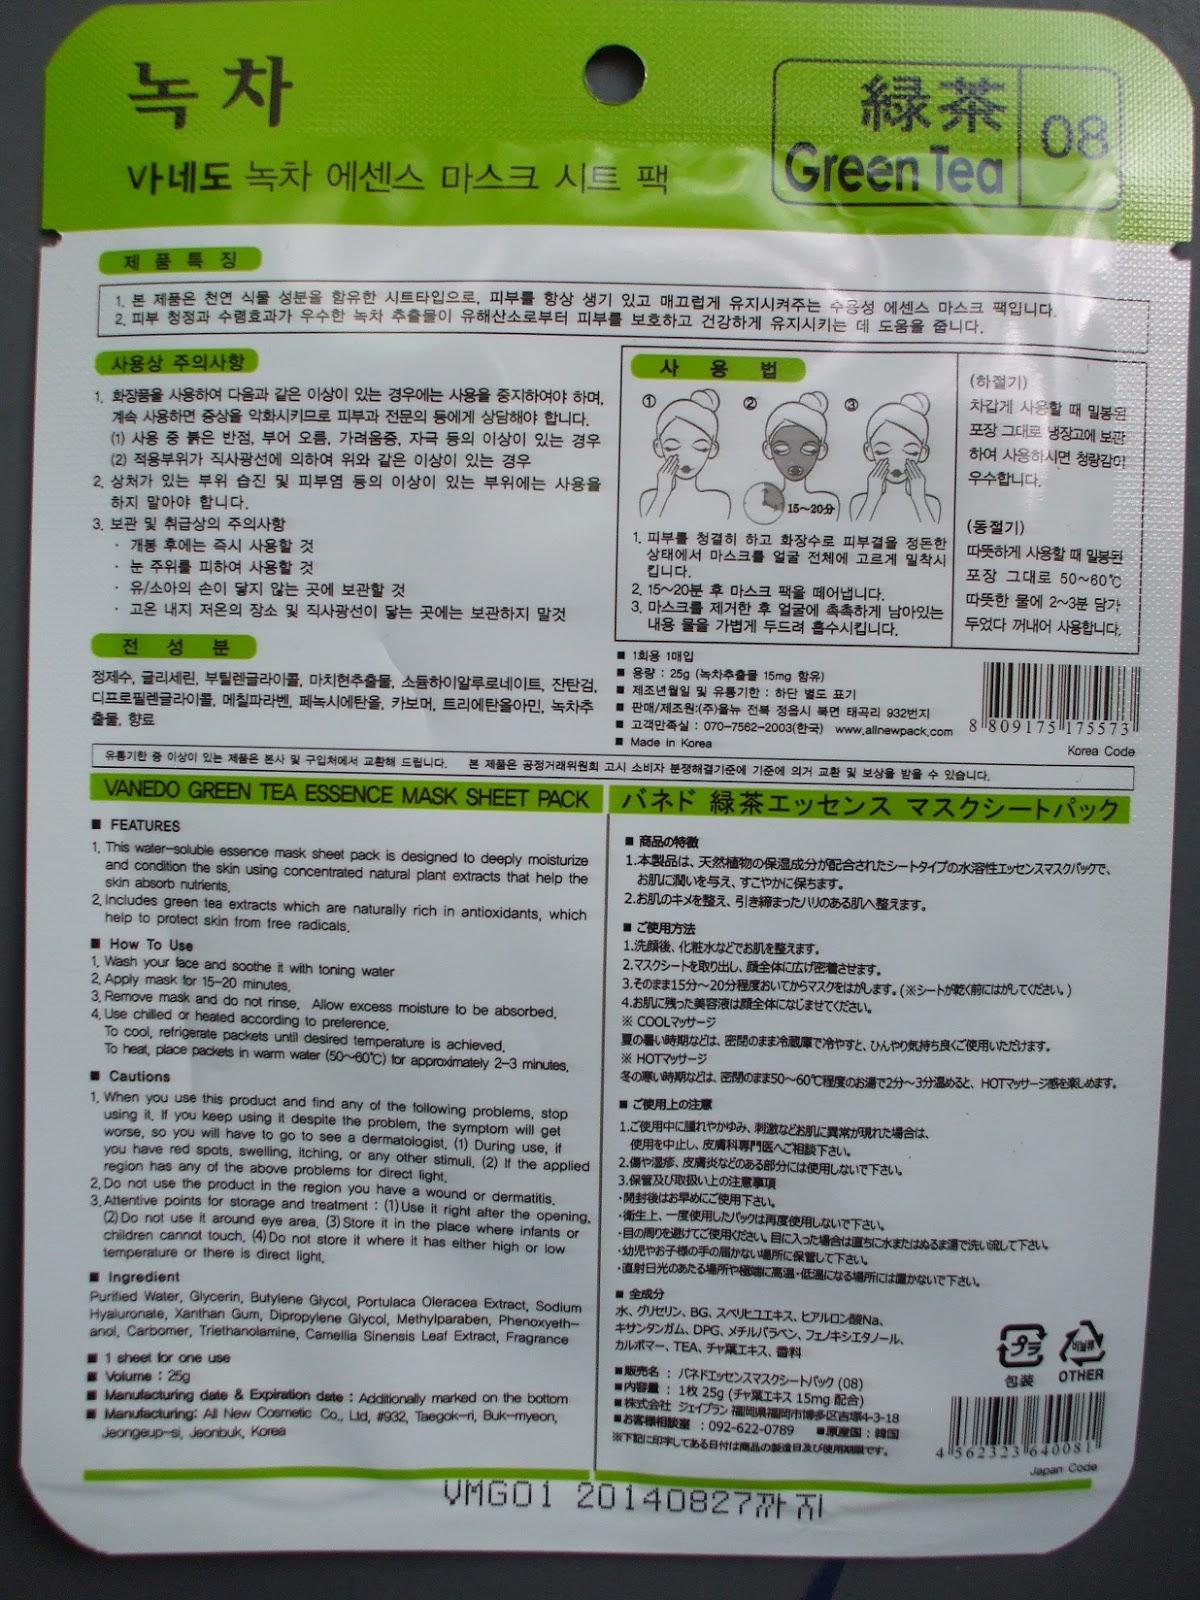 Vanedo Beauty Friends Sheet Mask Green Tea ingredients